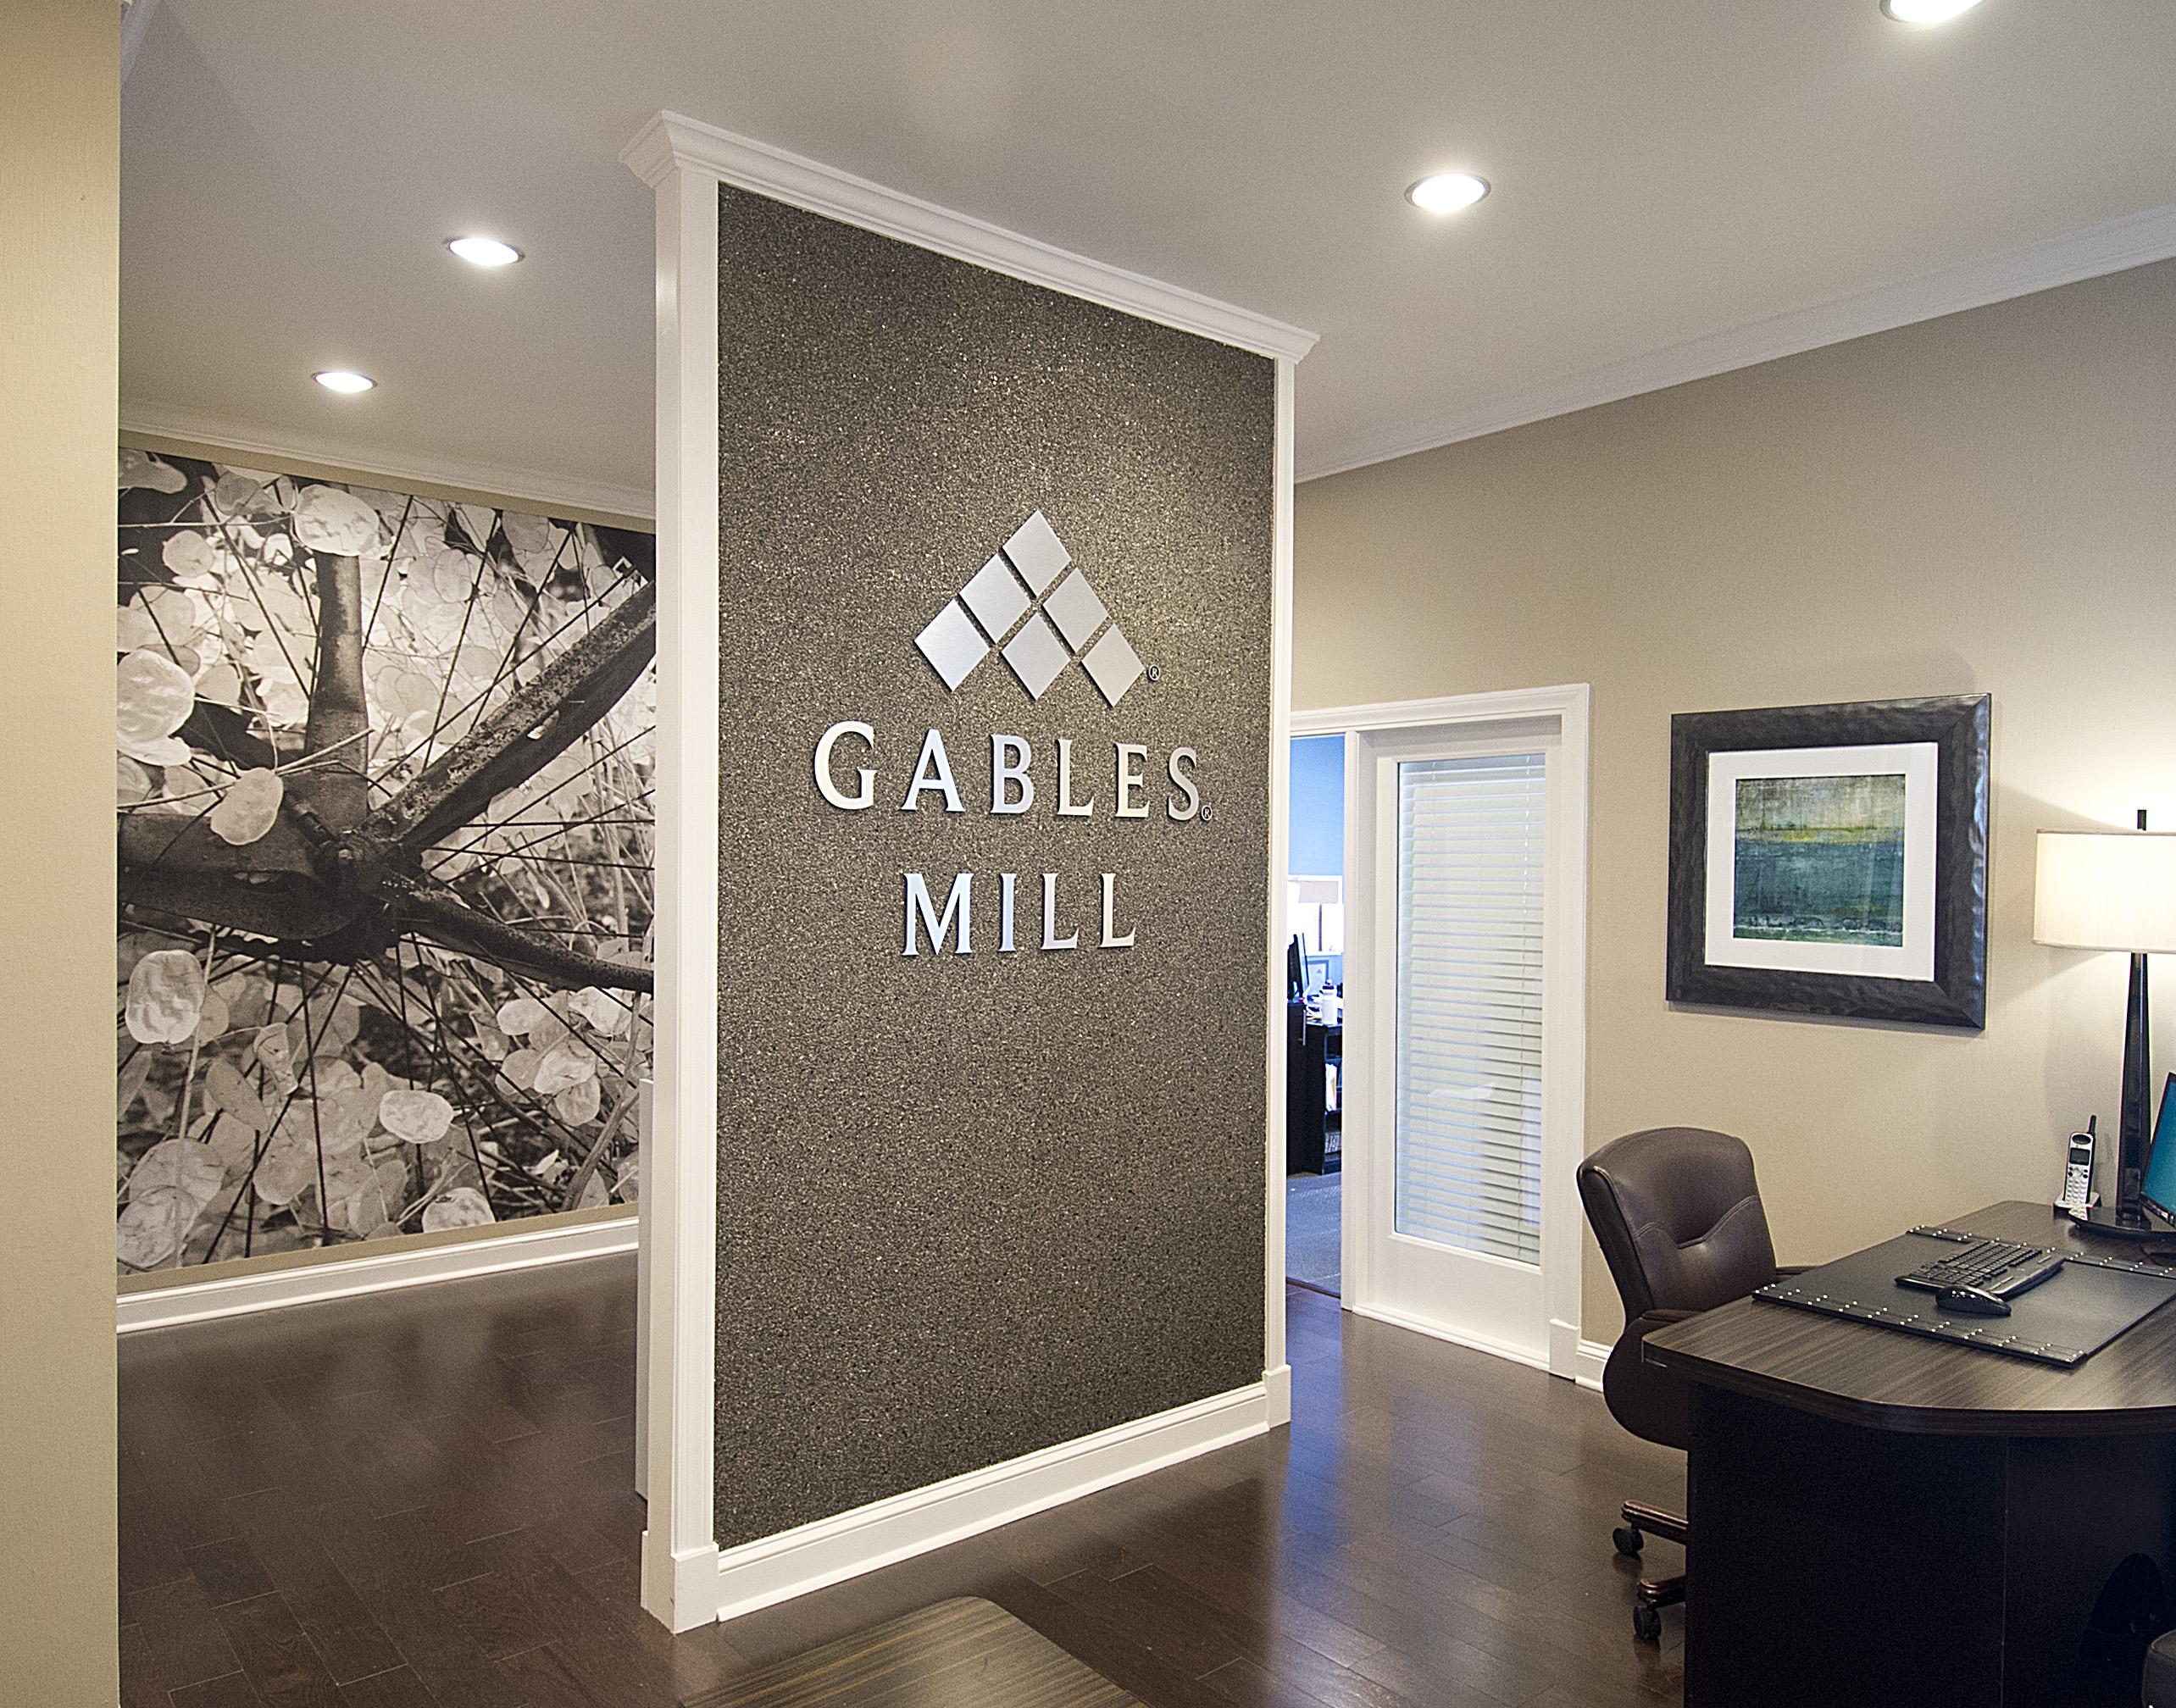 Gables Mill